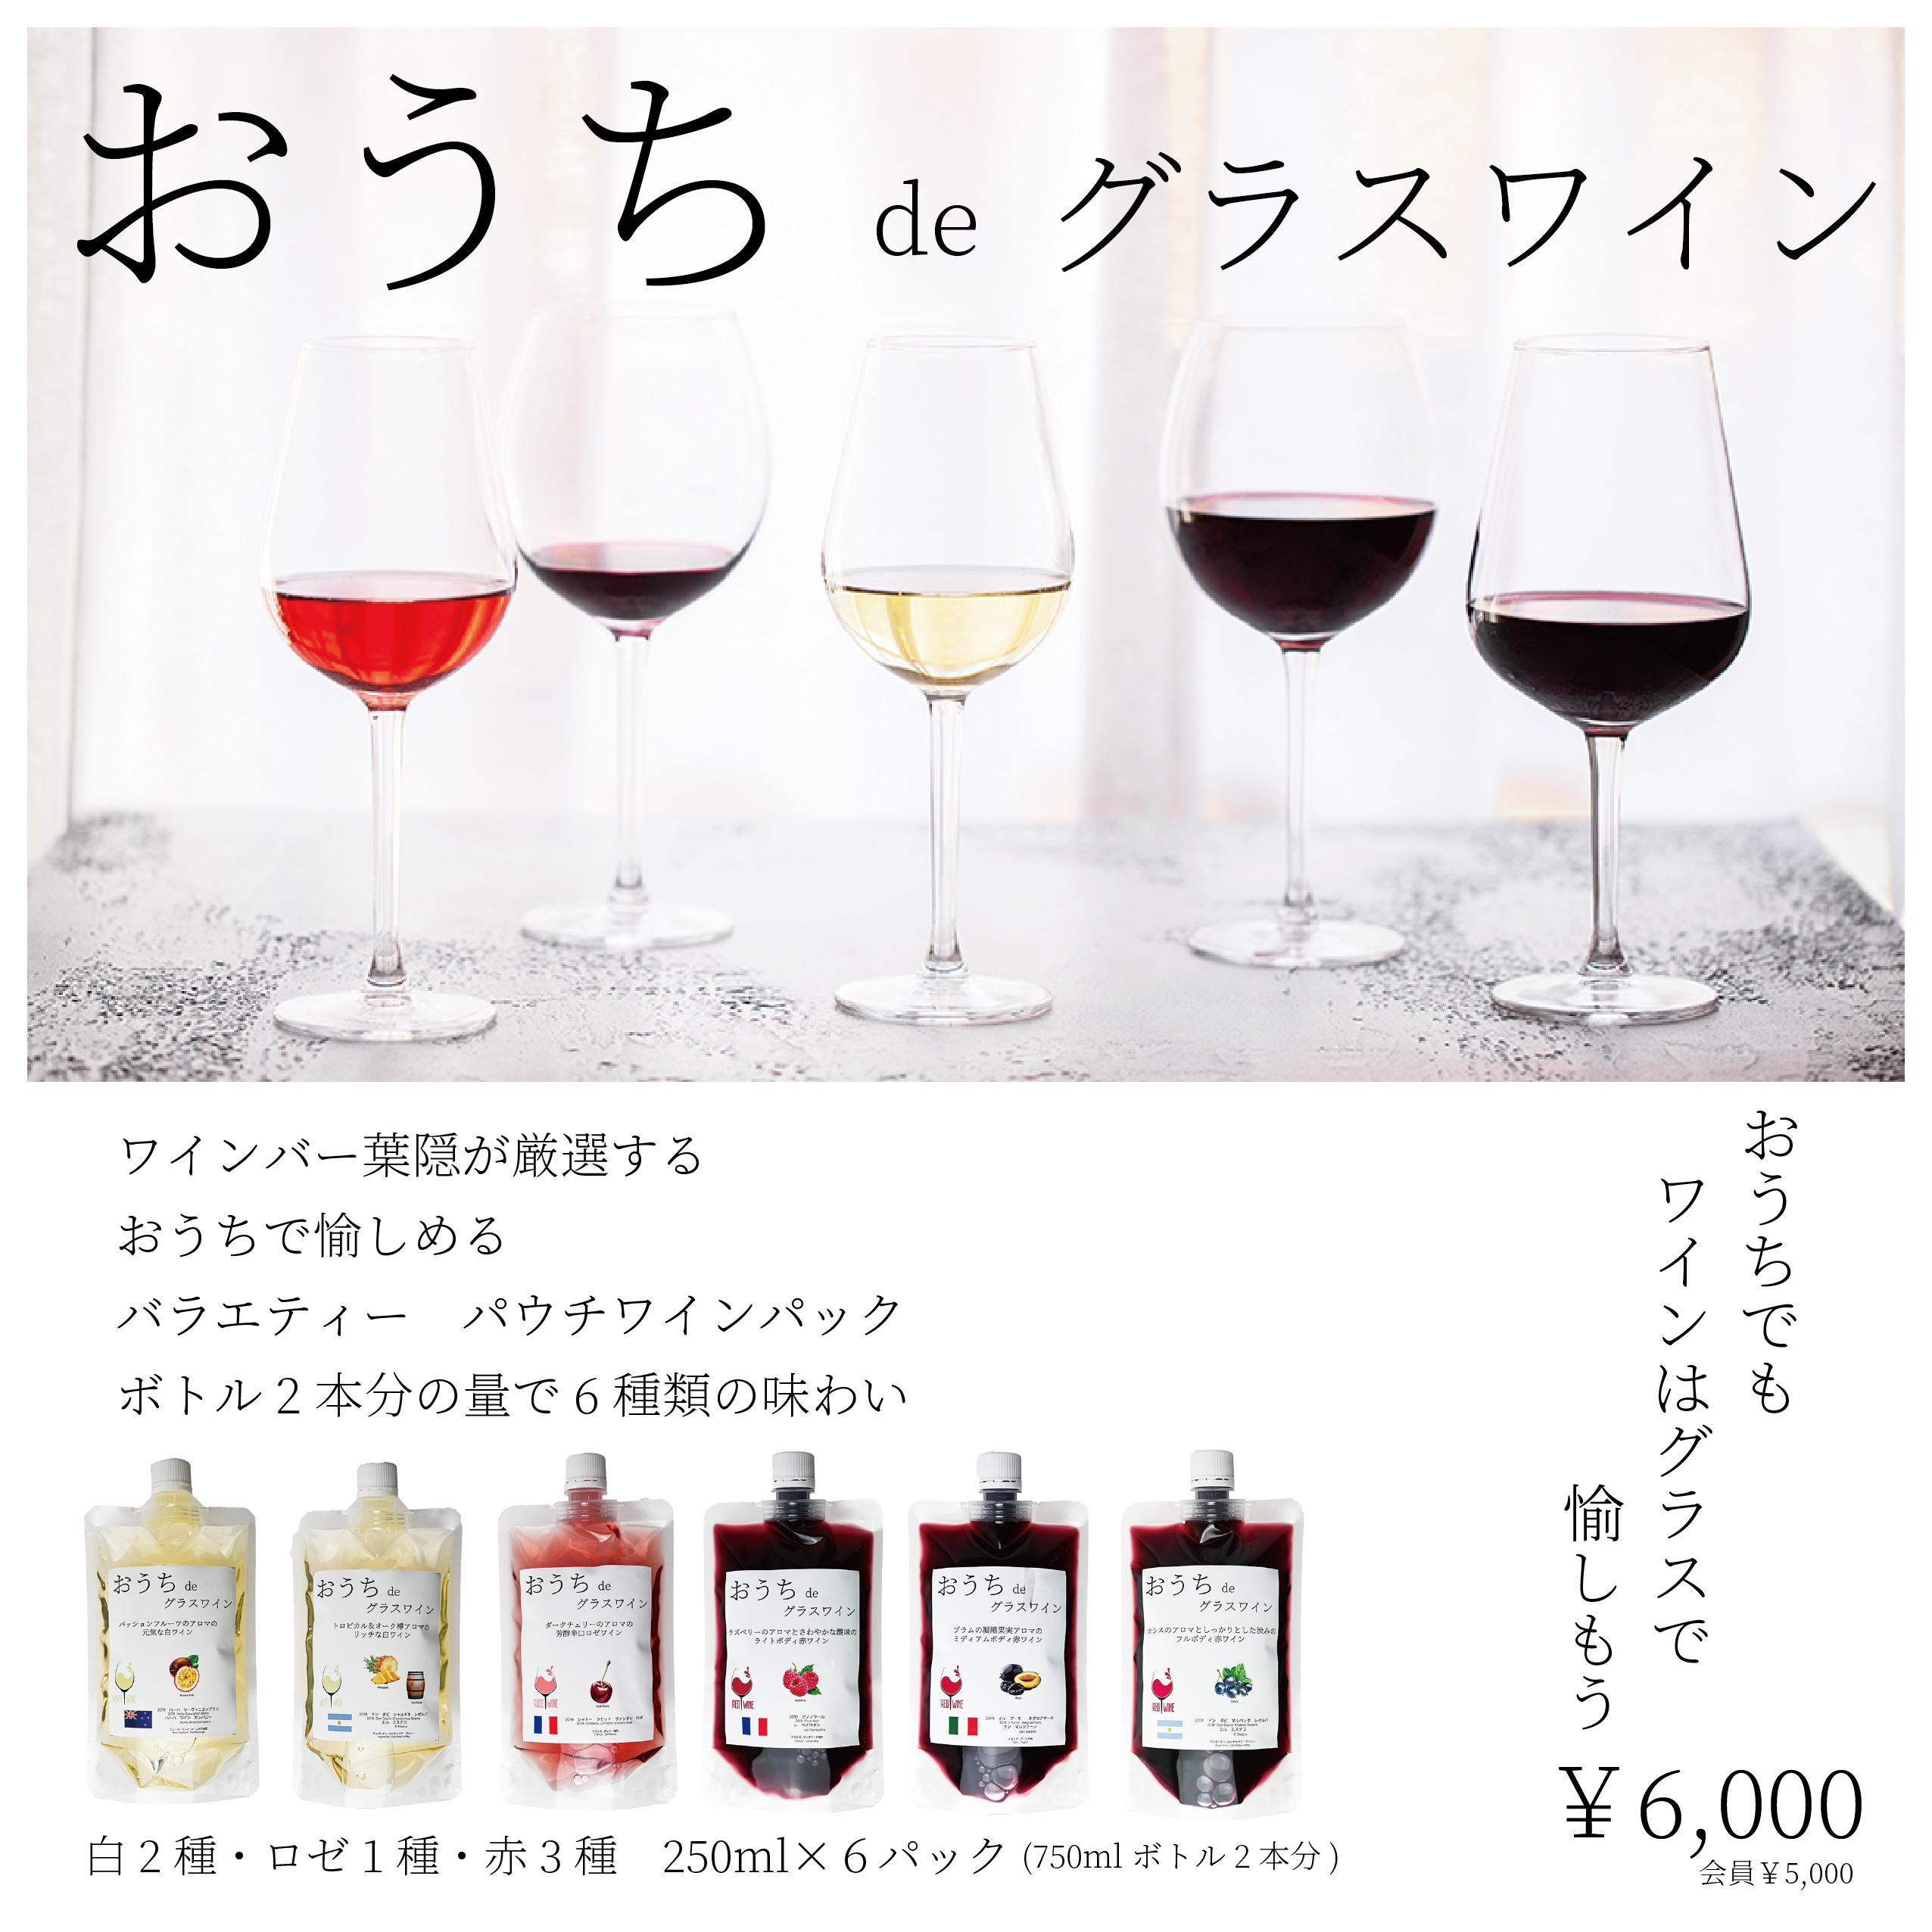 おうちdeグラスワイン_アートボード 1